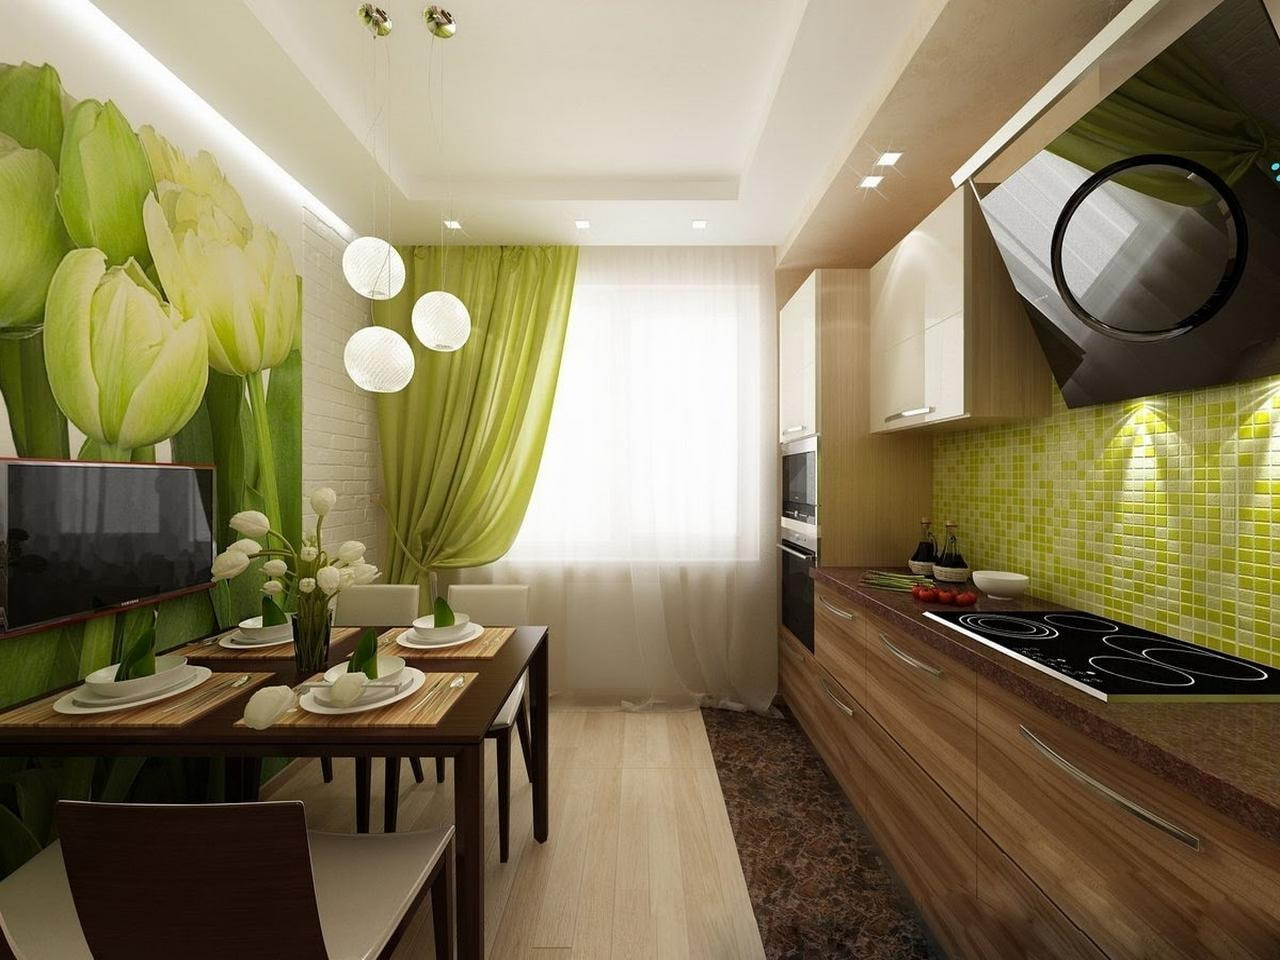 интересный дизайн кухни с тюльпанами фото кто будет